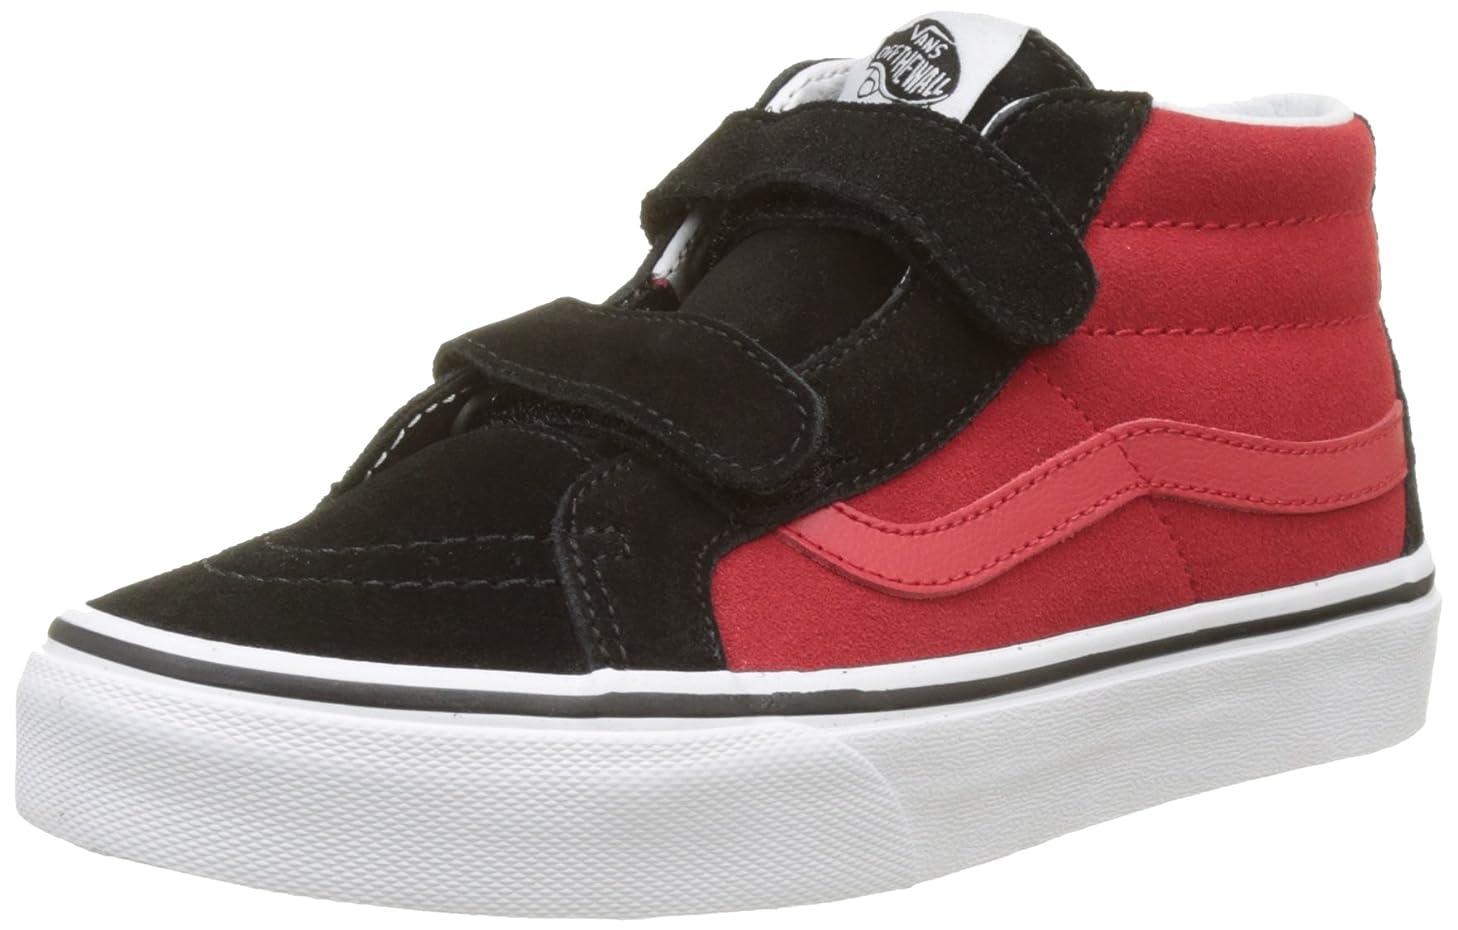 Vans Sk8 Hi Mid Reissue V Kids Size 10.5 (2-Tone) Black Racing Red Skateboarding Shoes